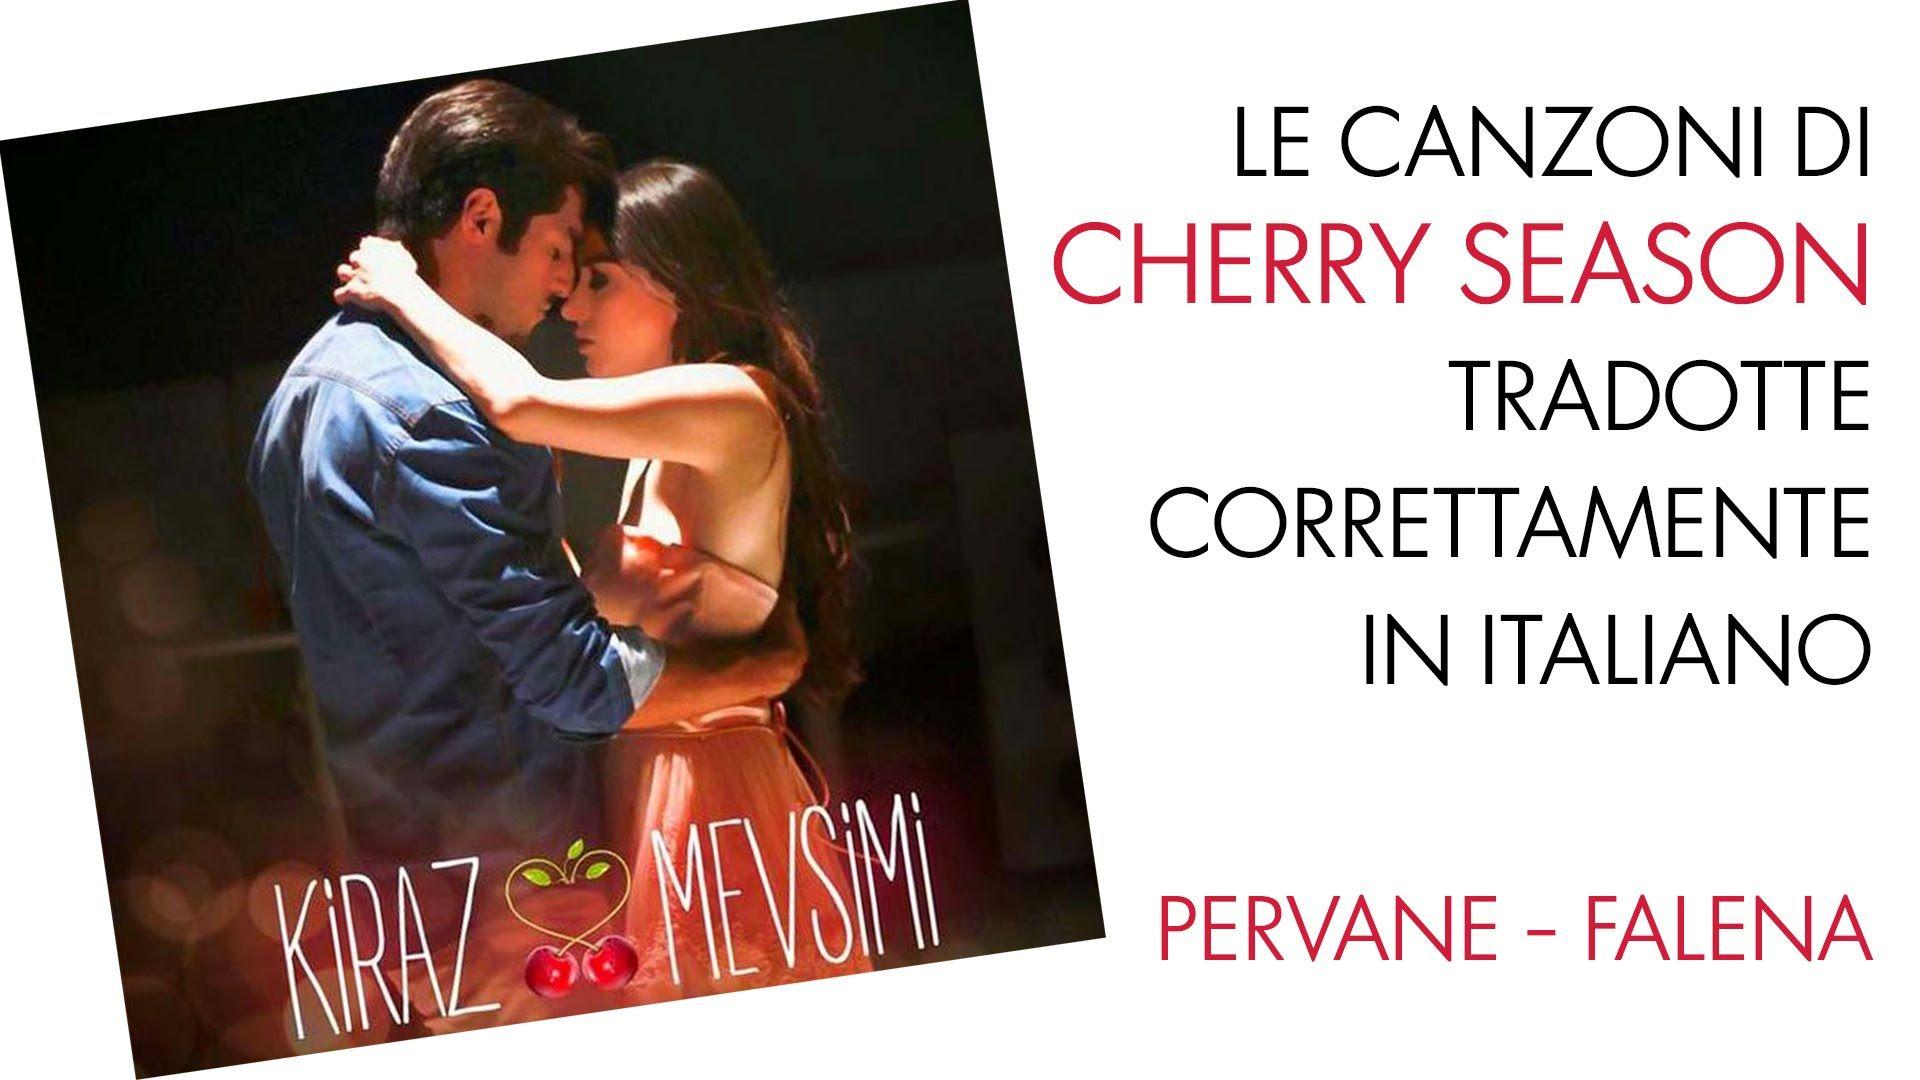 Turca bagno ~ Cherry season canzone turca del ballo di Öykü e ayaz tradotta in